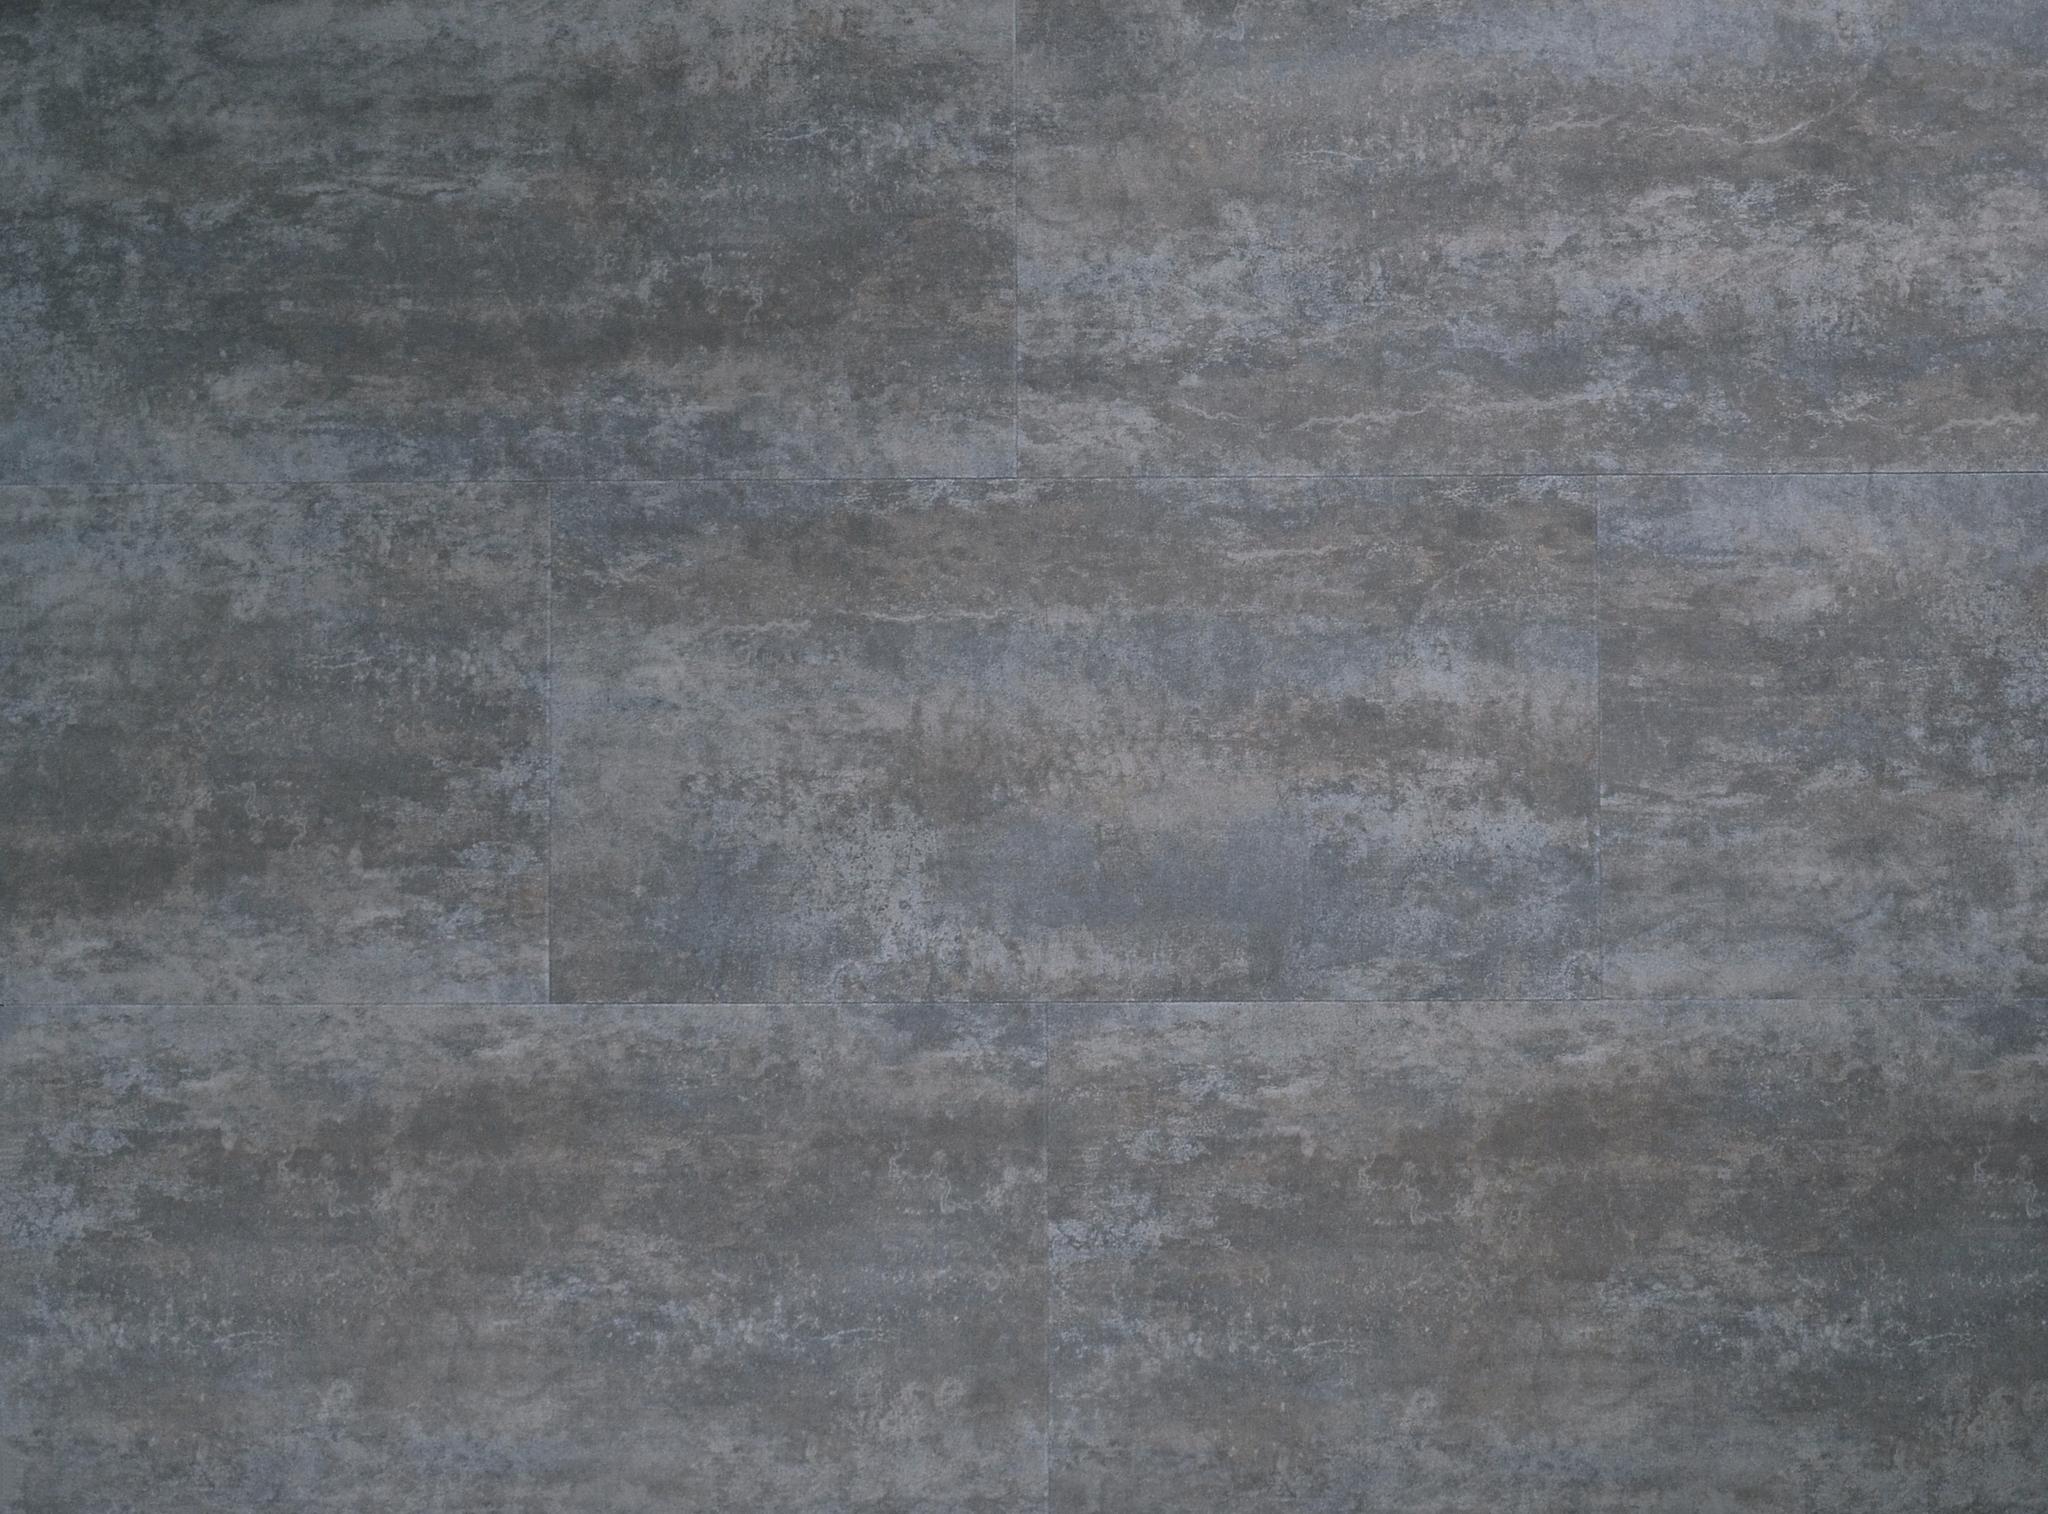 Виниловый пол Concept Floor - Premium Line Stone Ocra (Камень Ocra)